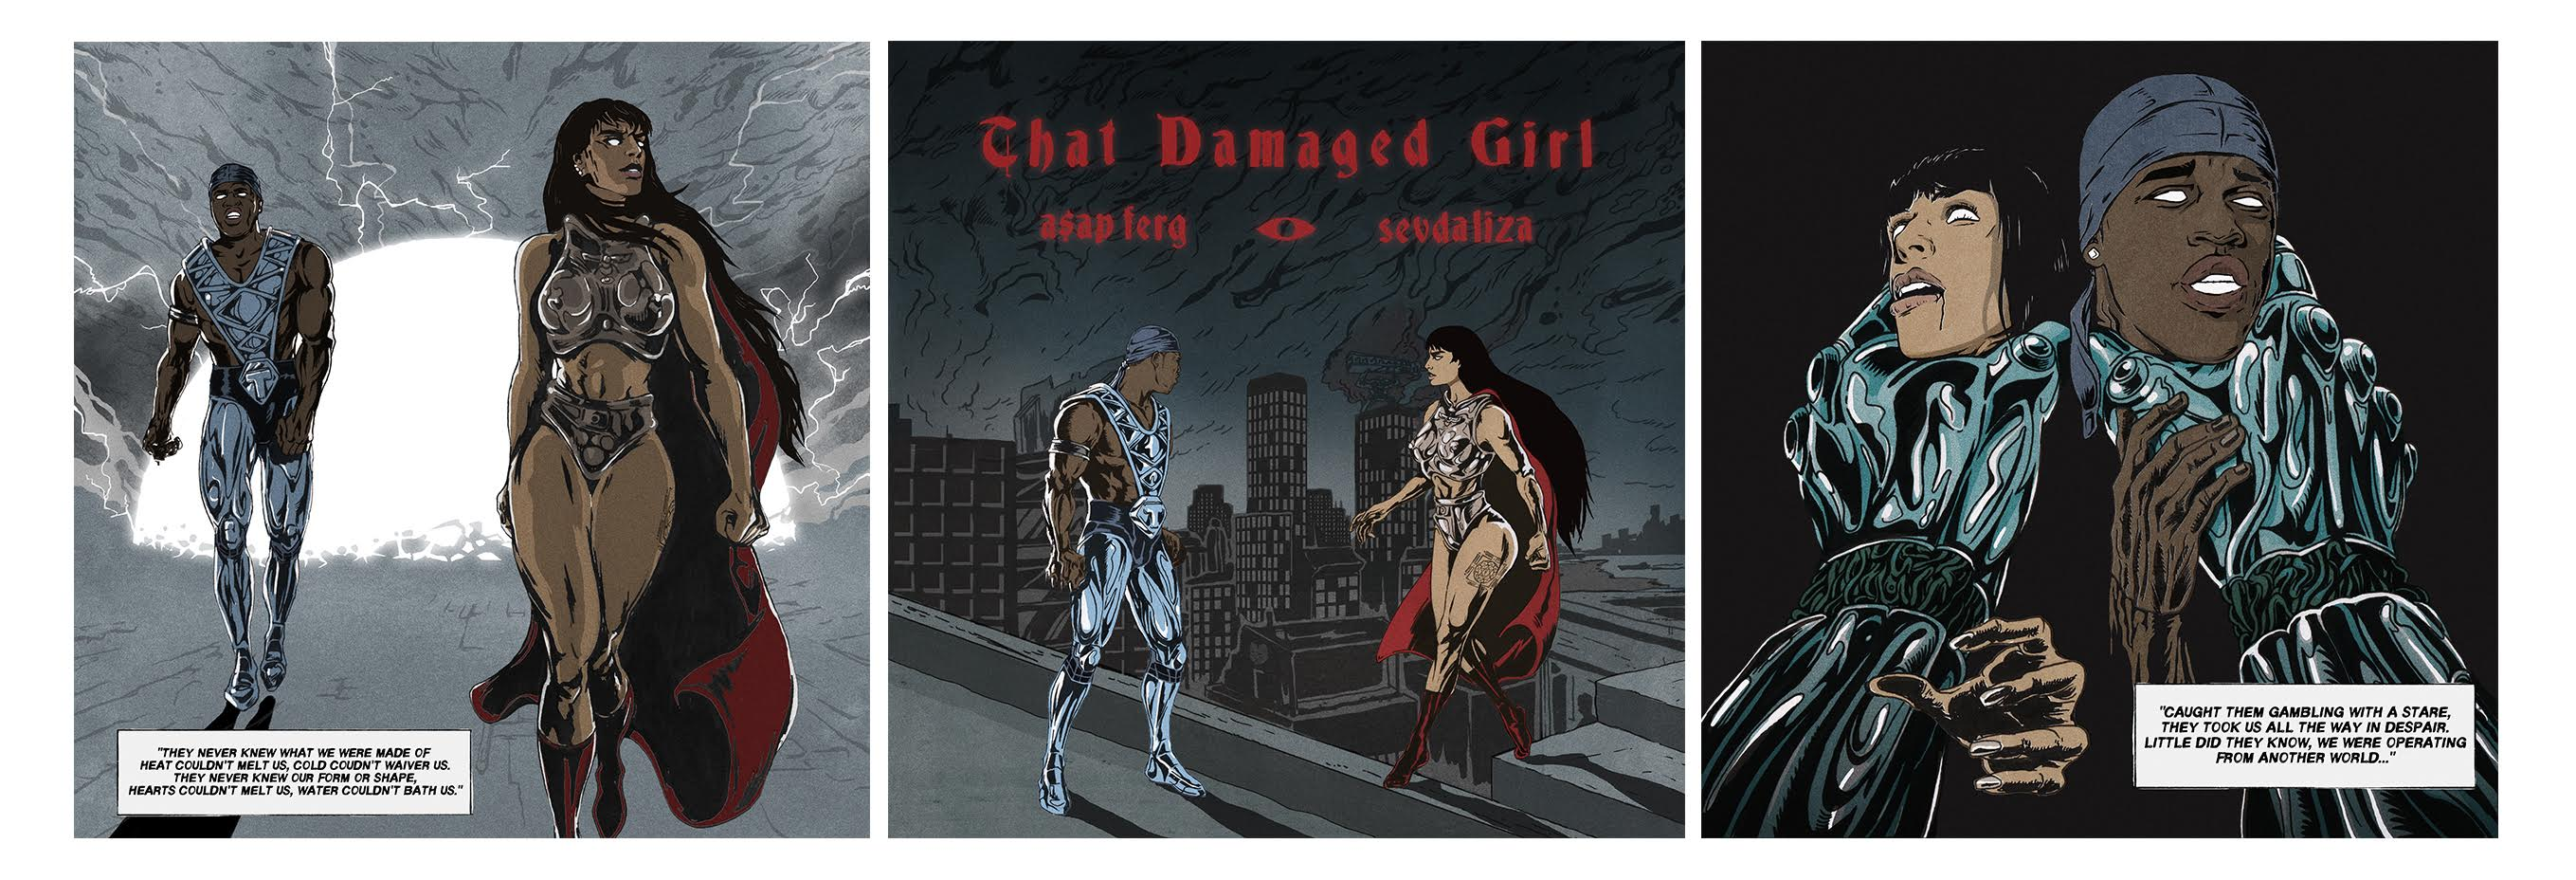 that-damaged-girl